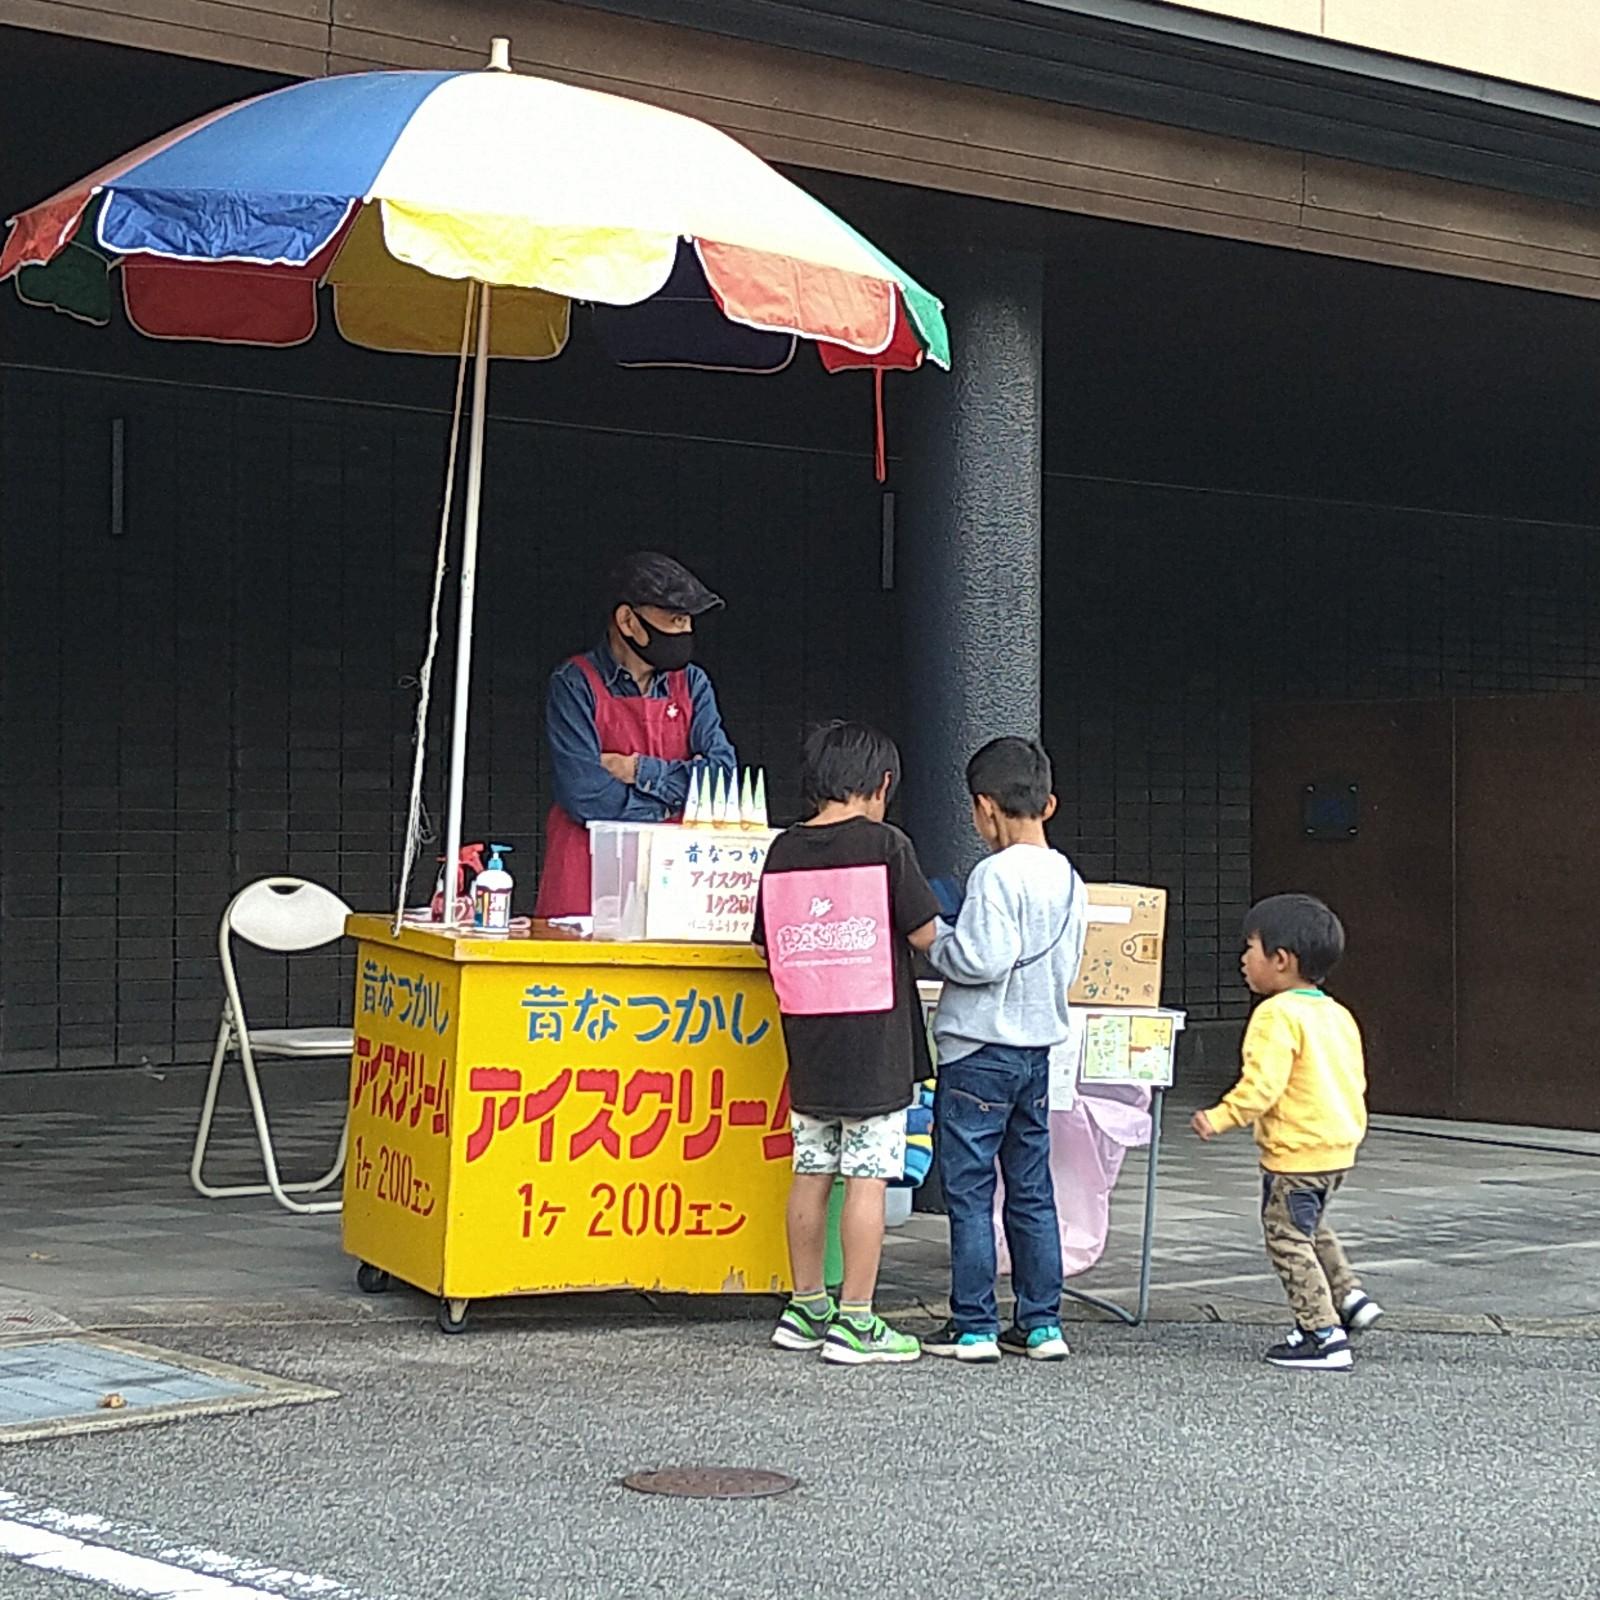 アイスクリームを買うキーパーソン